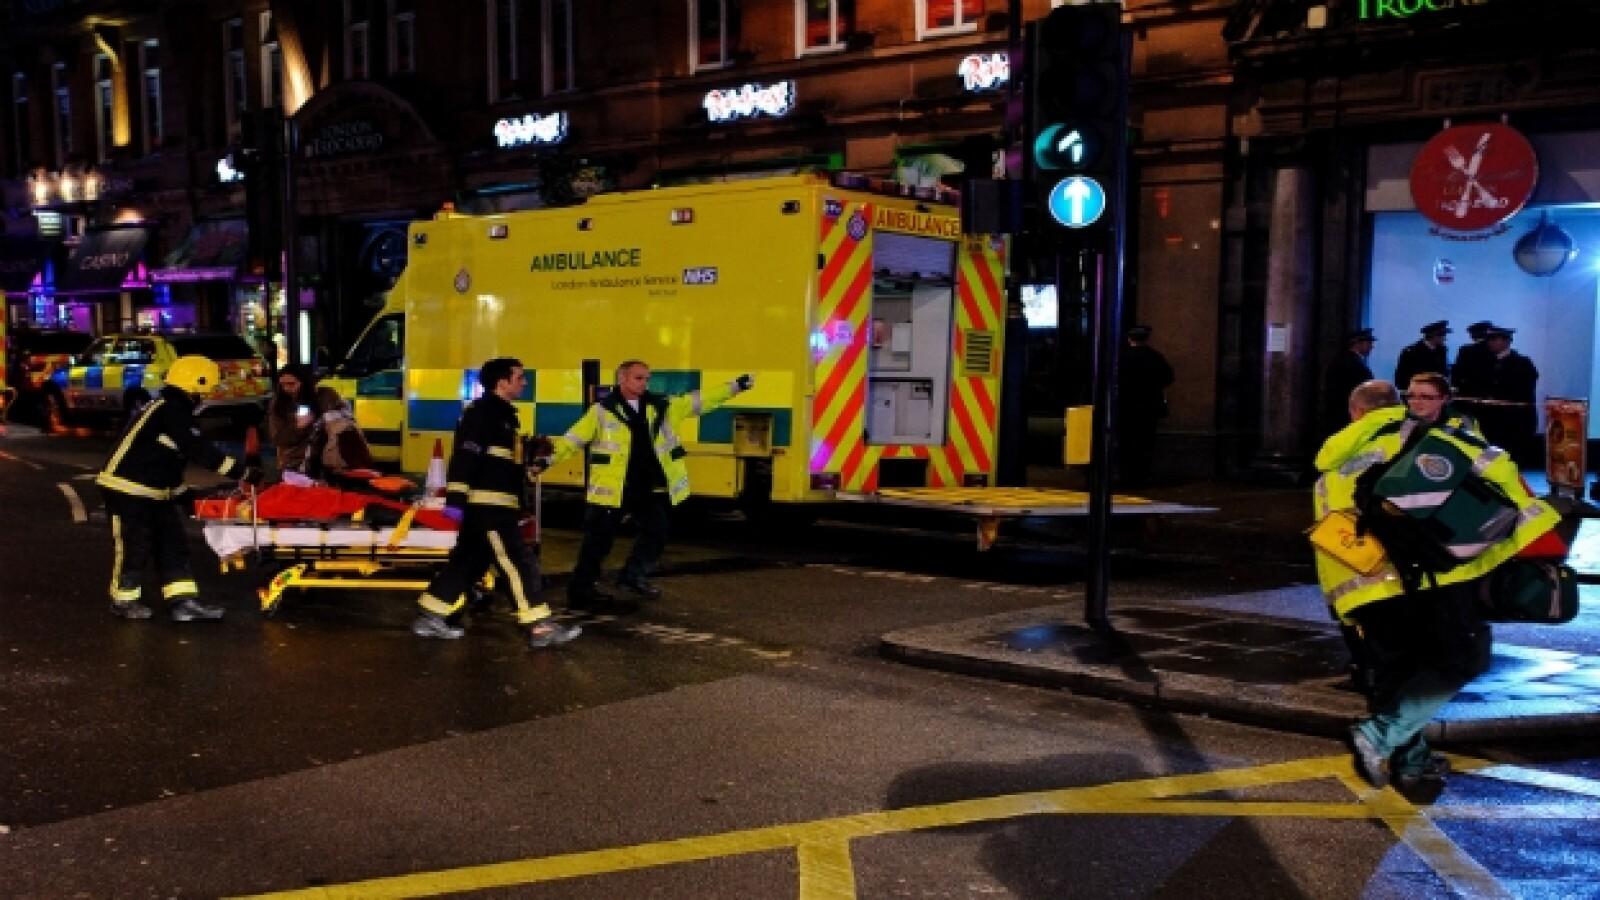 teatro apollo ambulancias getty